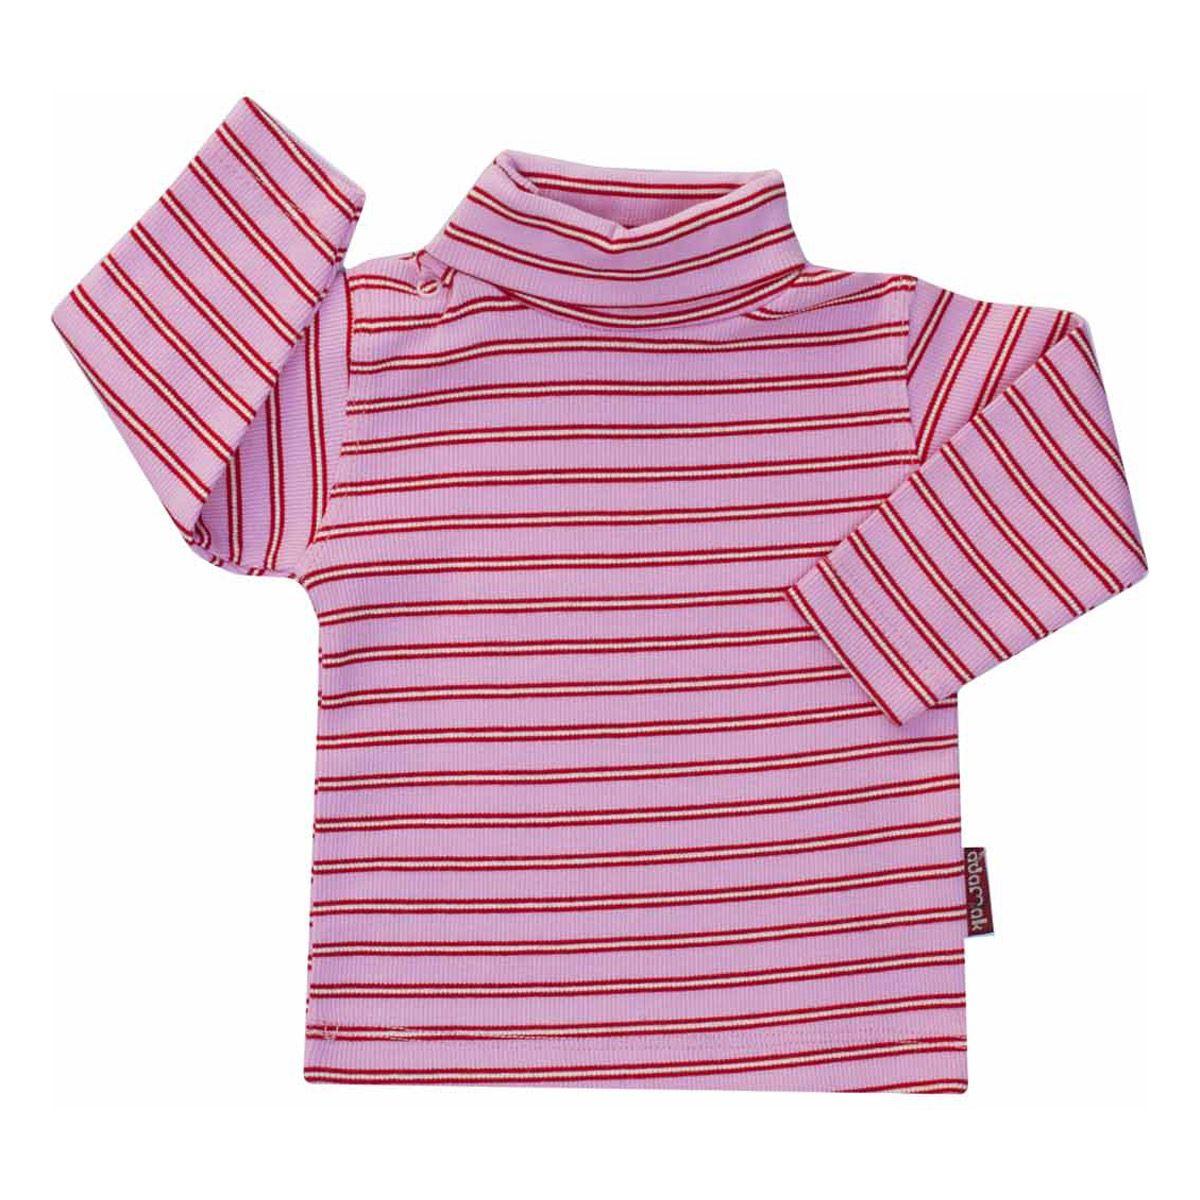 تی شرت دخترانه آدمک طرح راه راه کد 7-1444011 -  - 3